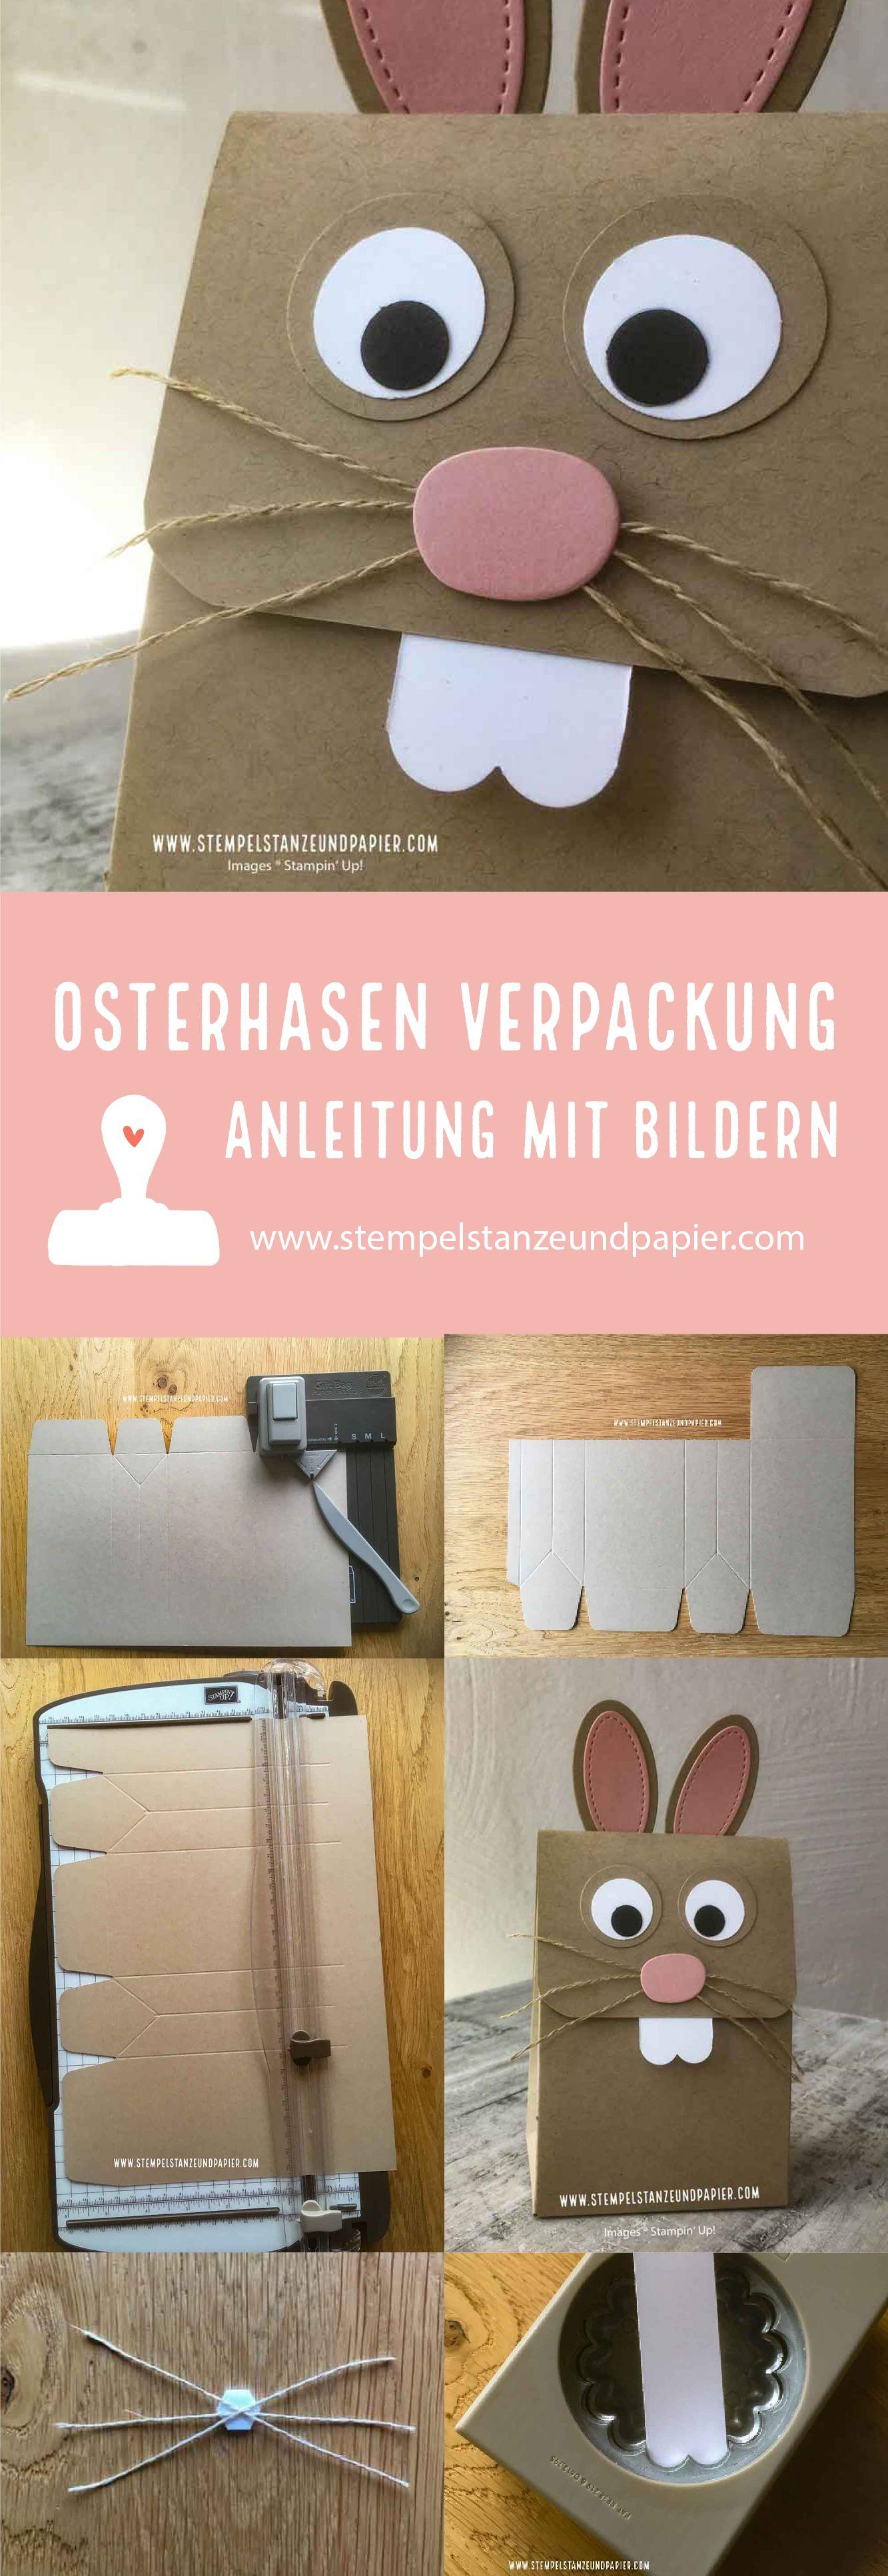 Osterhasen Verpackung Stampin' Up! - Stempel, Stanze und Papier